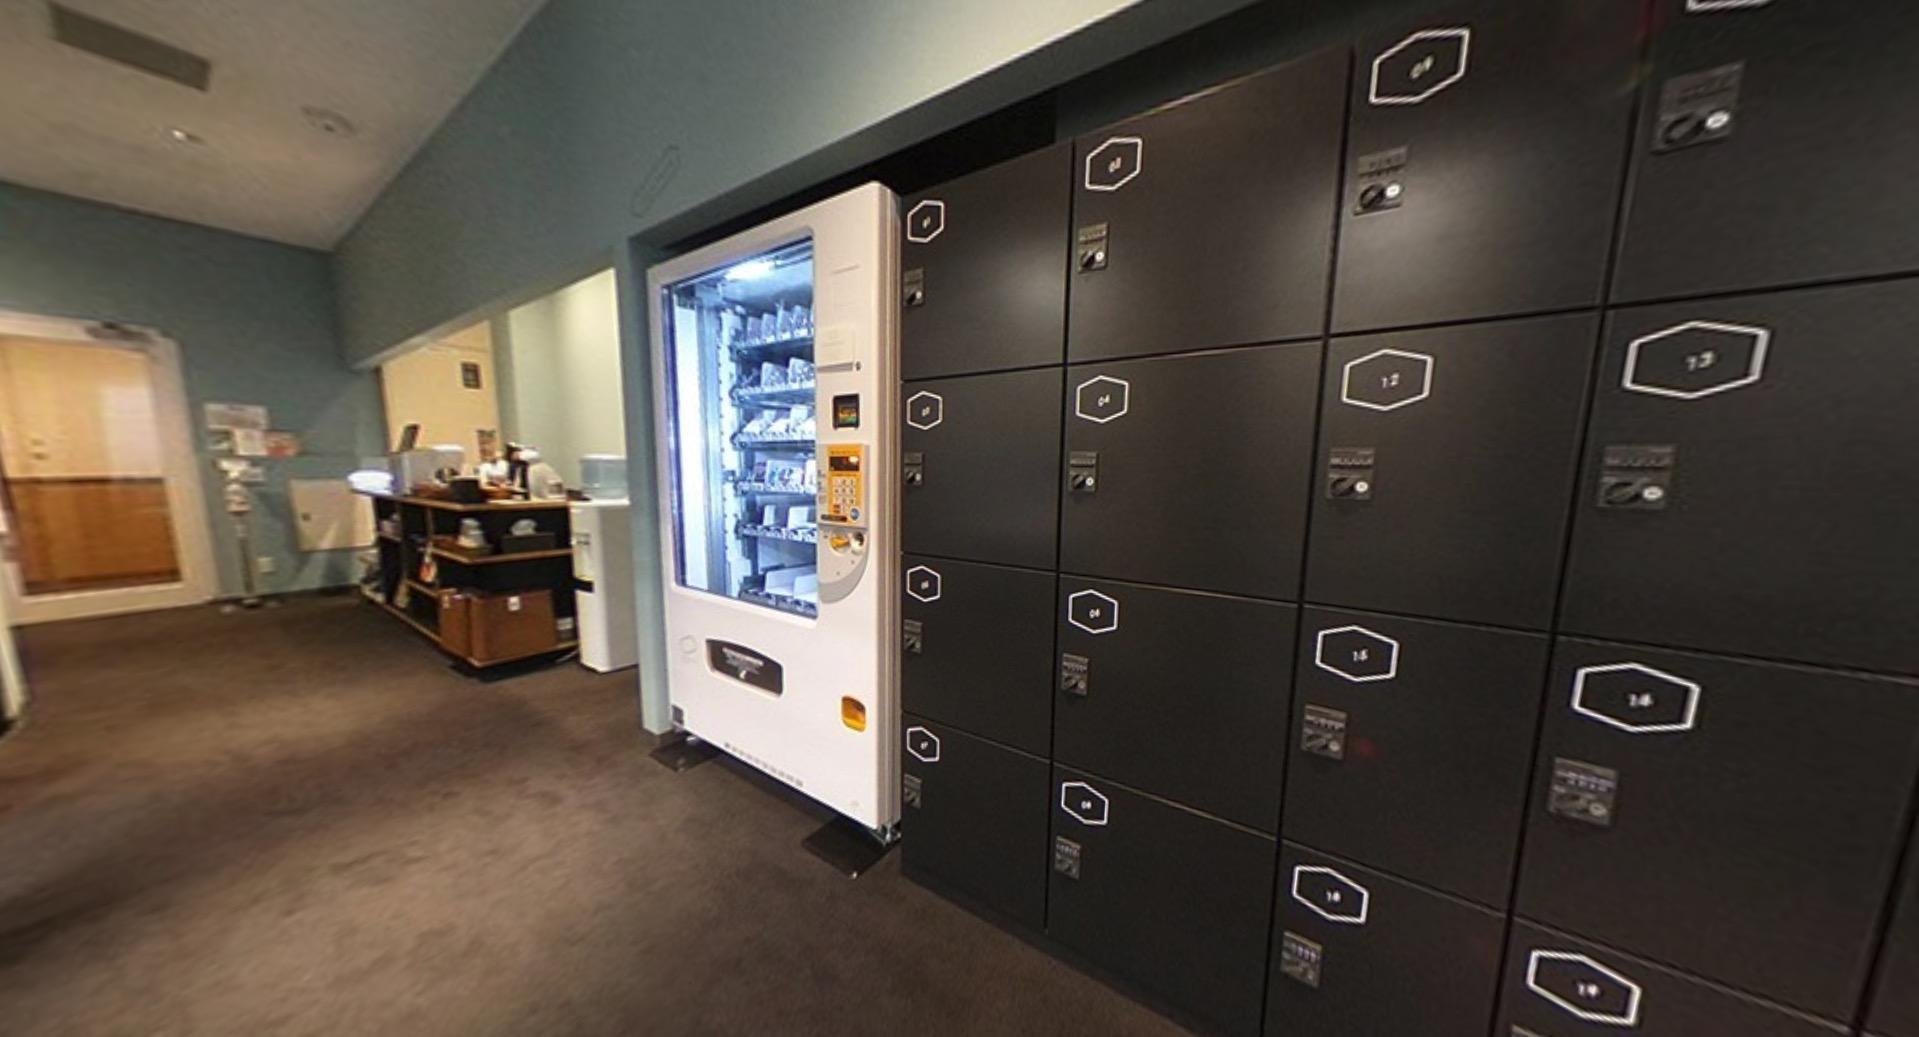 ワークスタイリング霞が関のオフィス内部の画像「ロッカー」